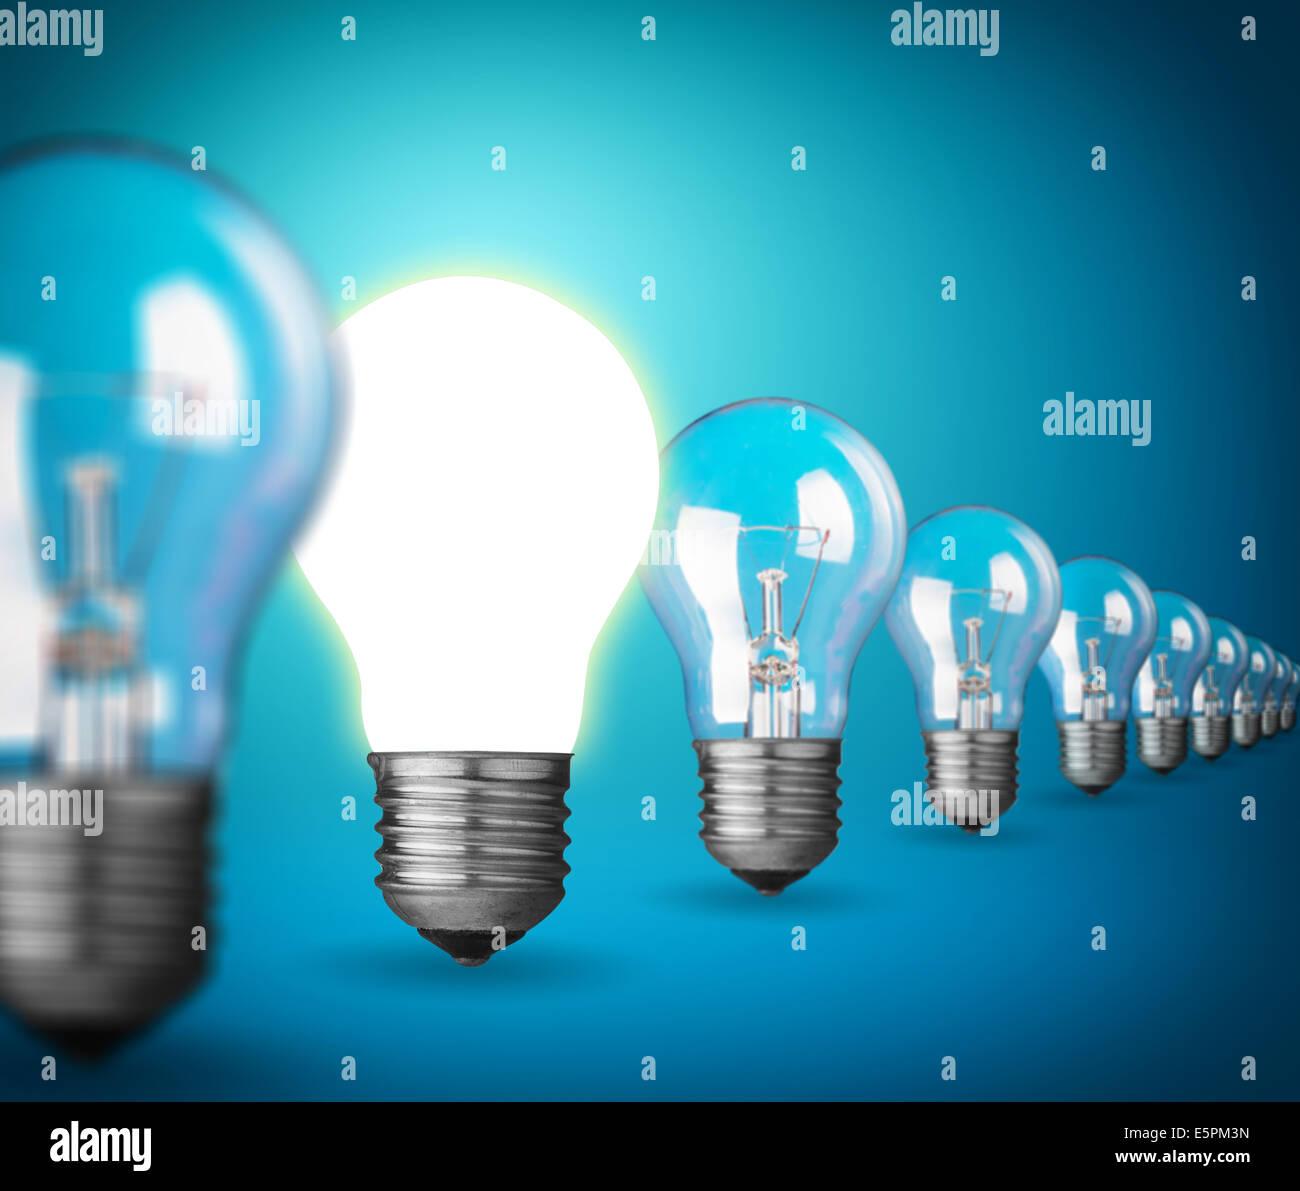 Idee-Konzept mit Glühbirnen auf blau Stockbild